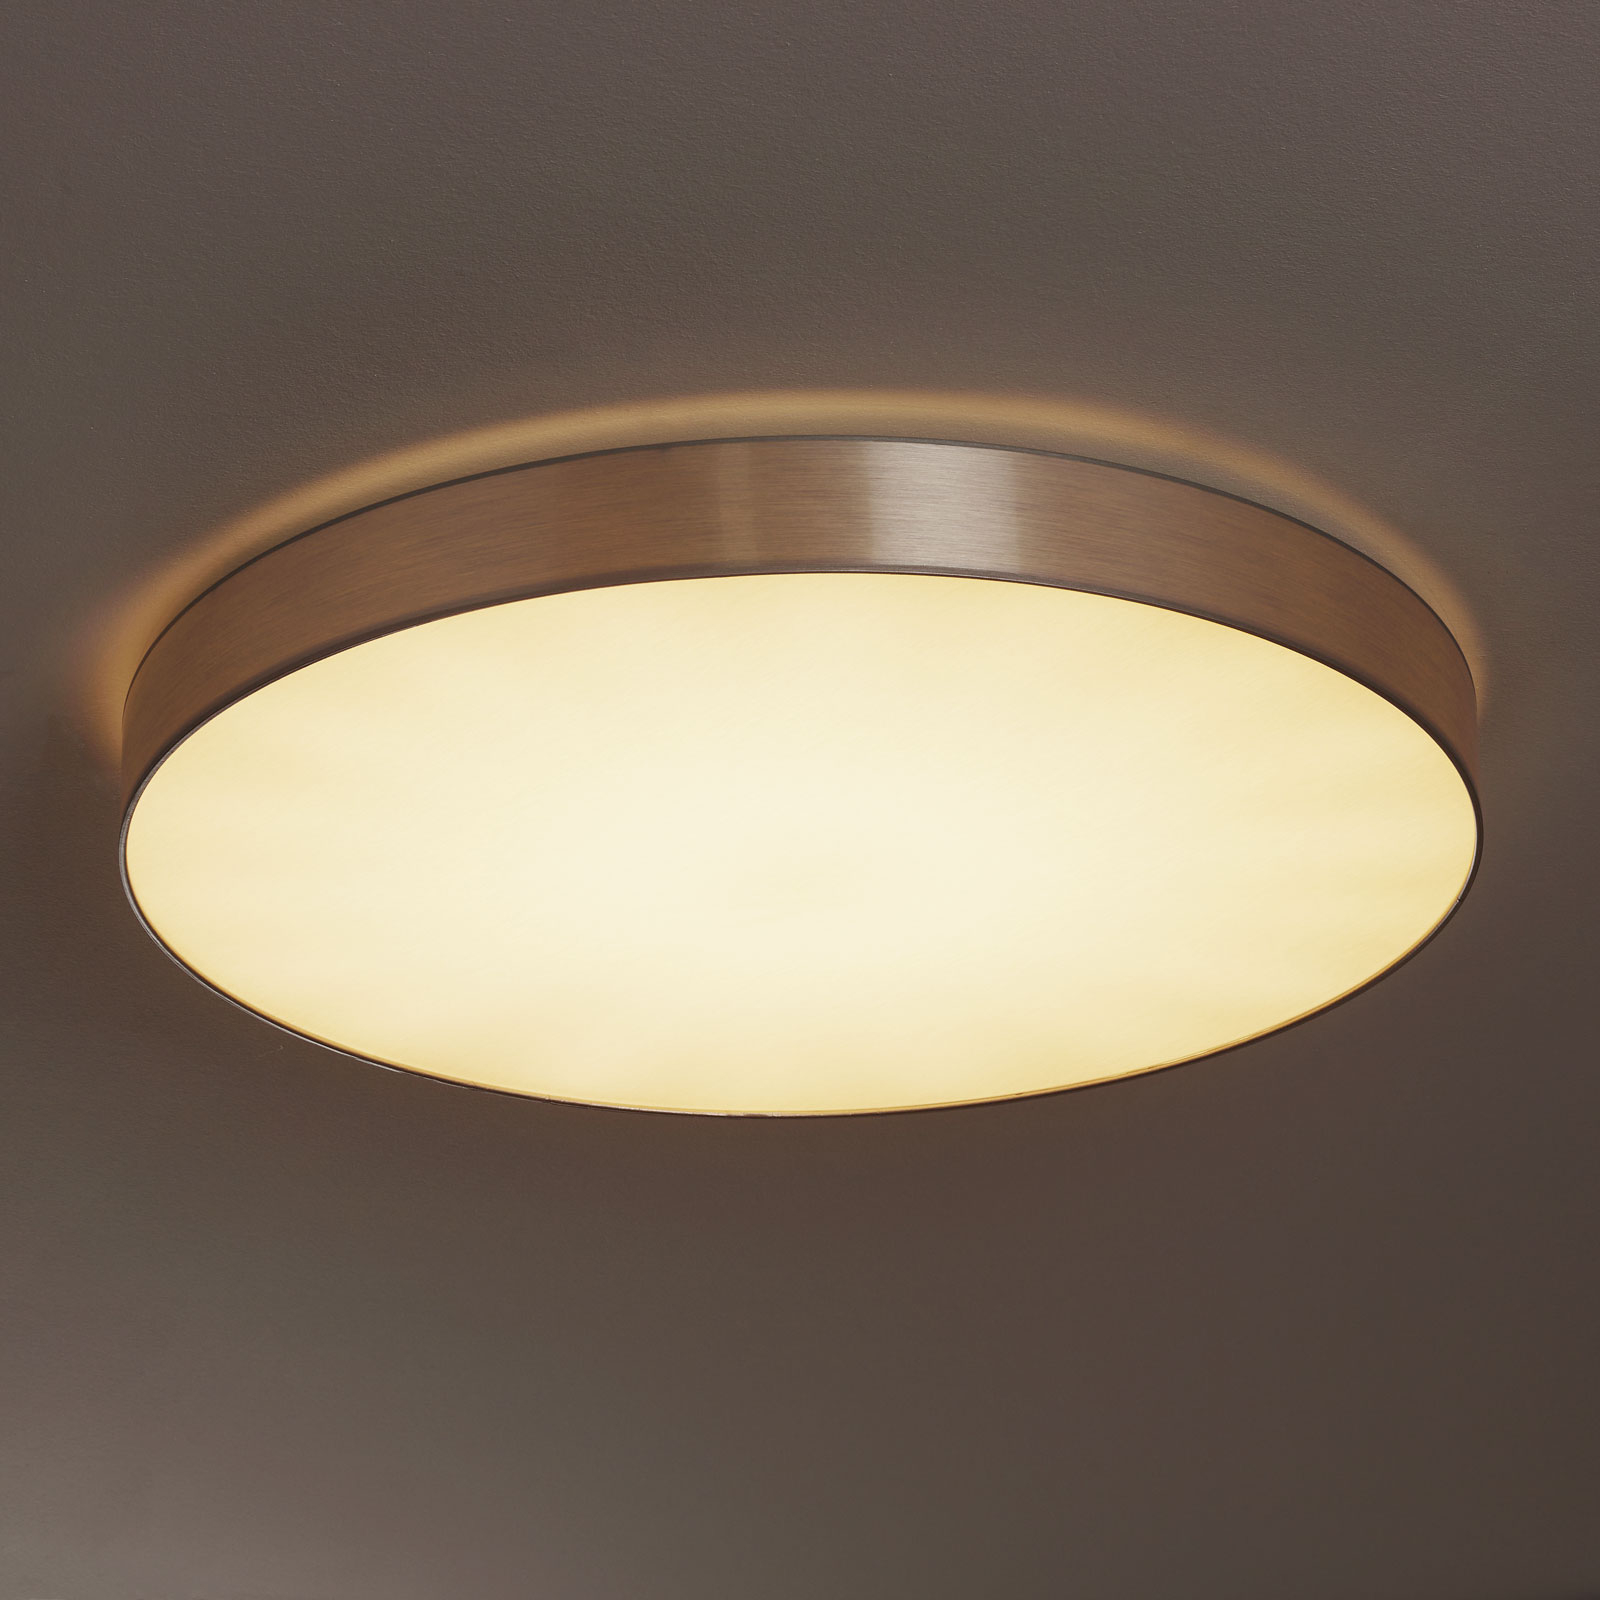 Runde LED-Deckenlampe Aurelia mit Dimmfunktion